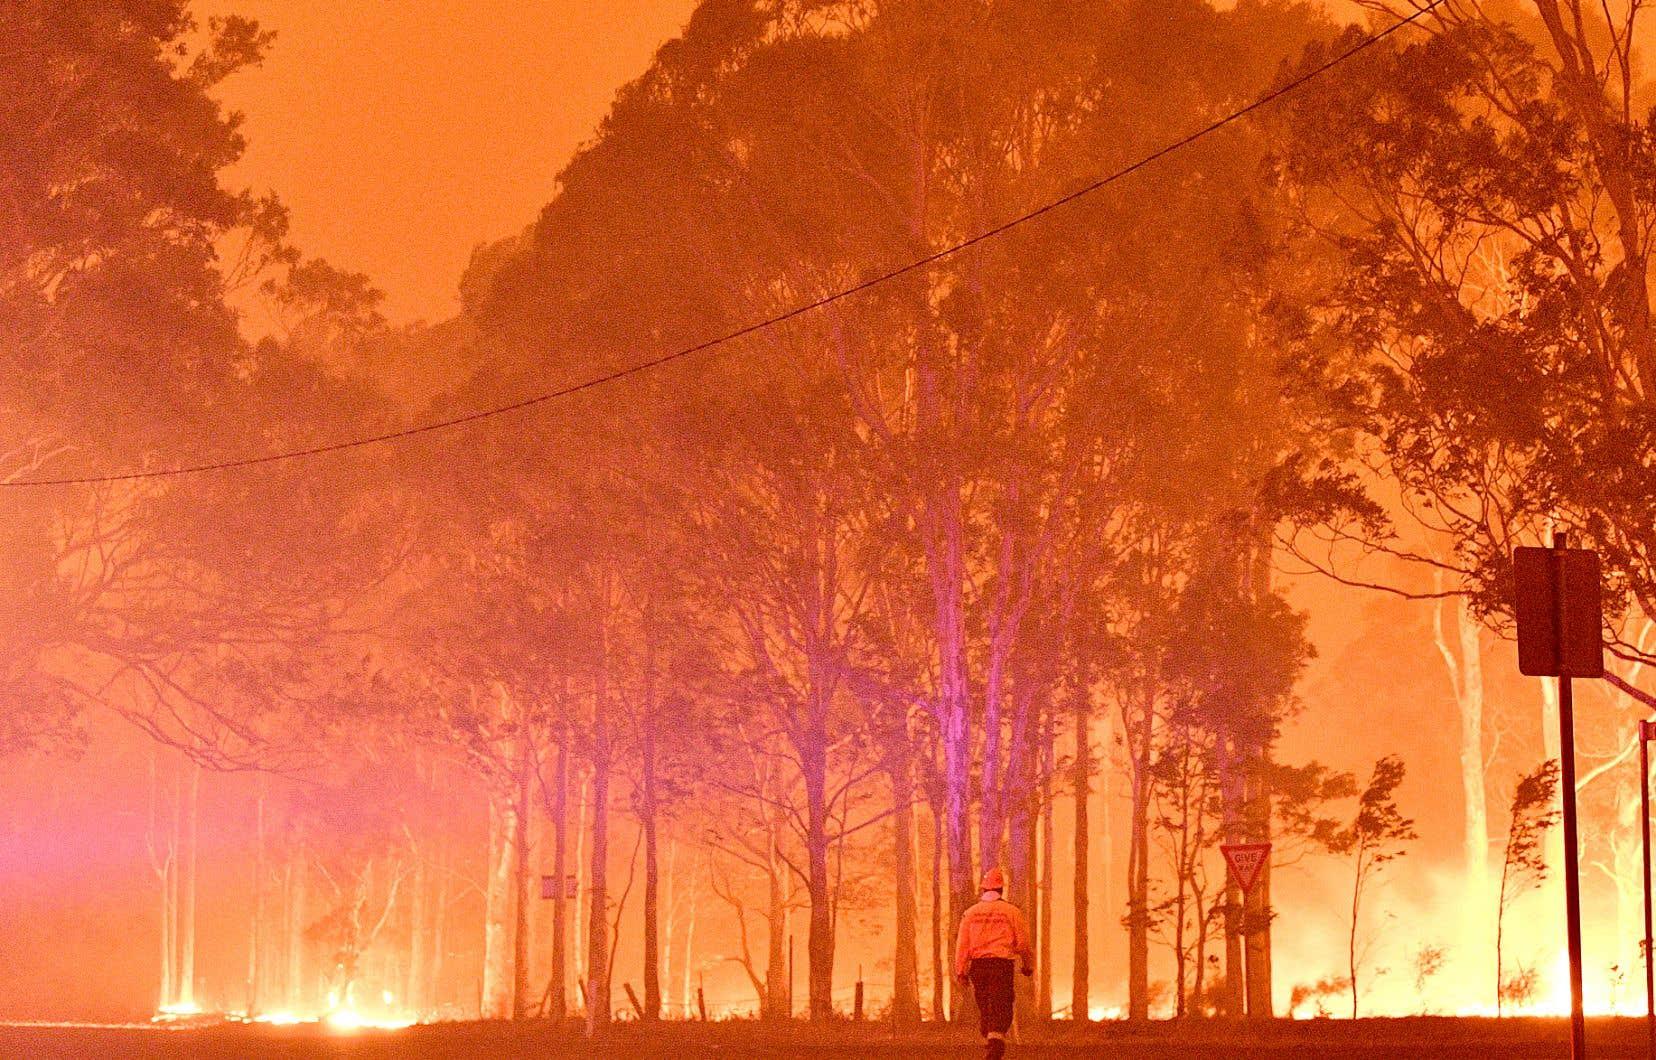 L'année qui vient de s'achever a été la plus chaude dans le monde après 2016, a rapporté mercredi l'Organisation météorologique mondiale. Sur la photo, un incendie de forêt attisé par la chaleur accablante dans le sud-est de l'Australie.